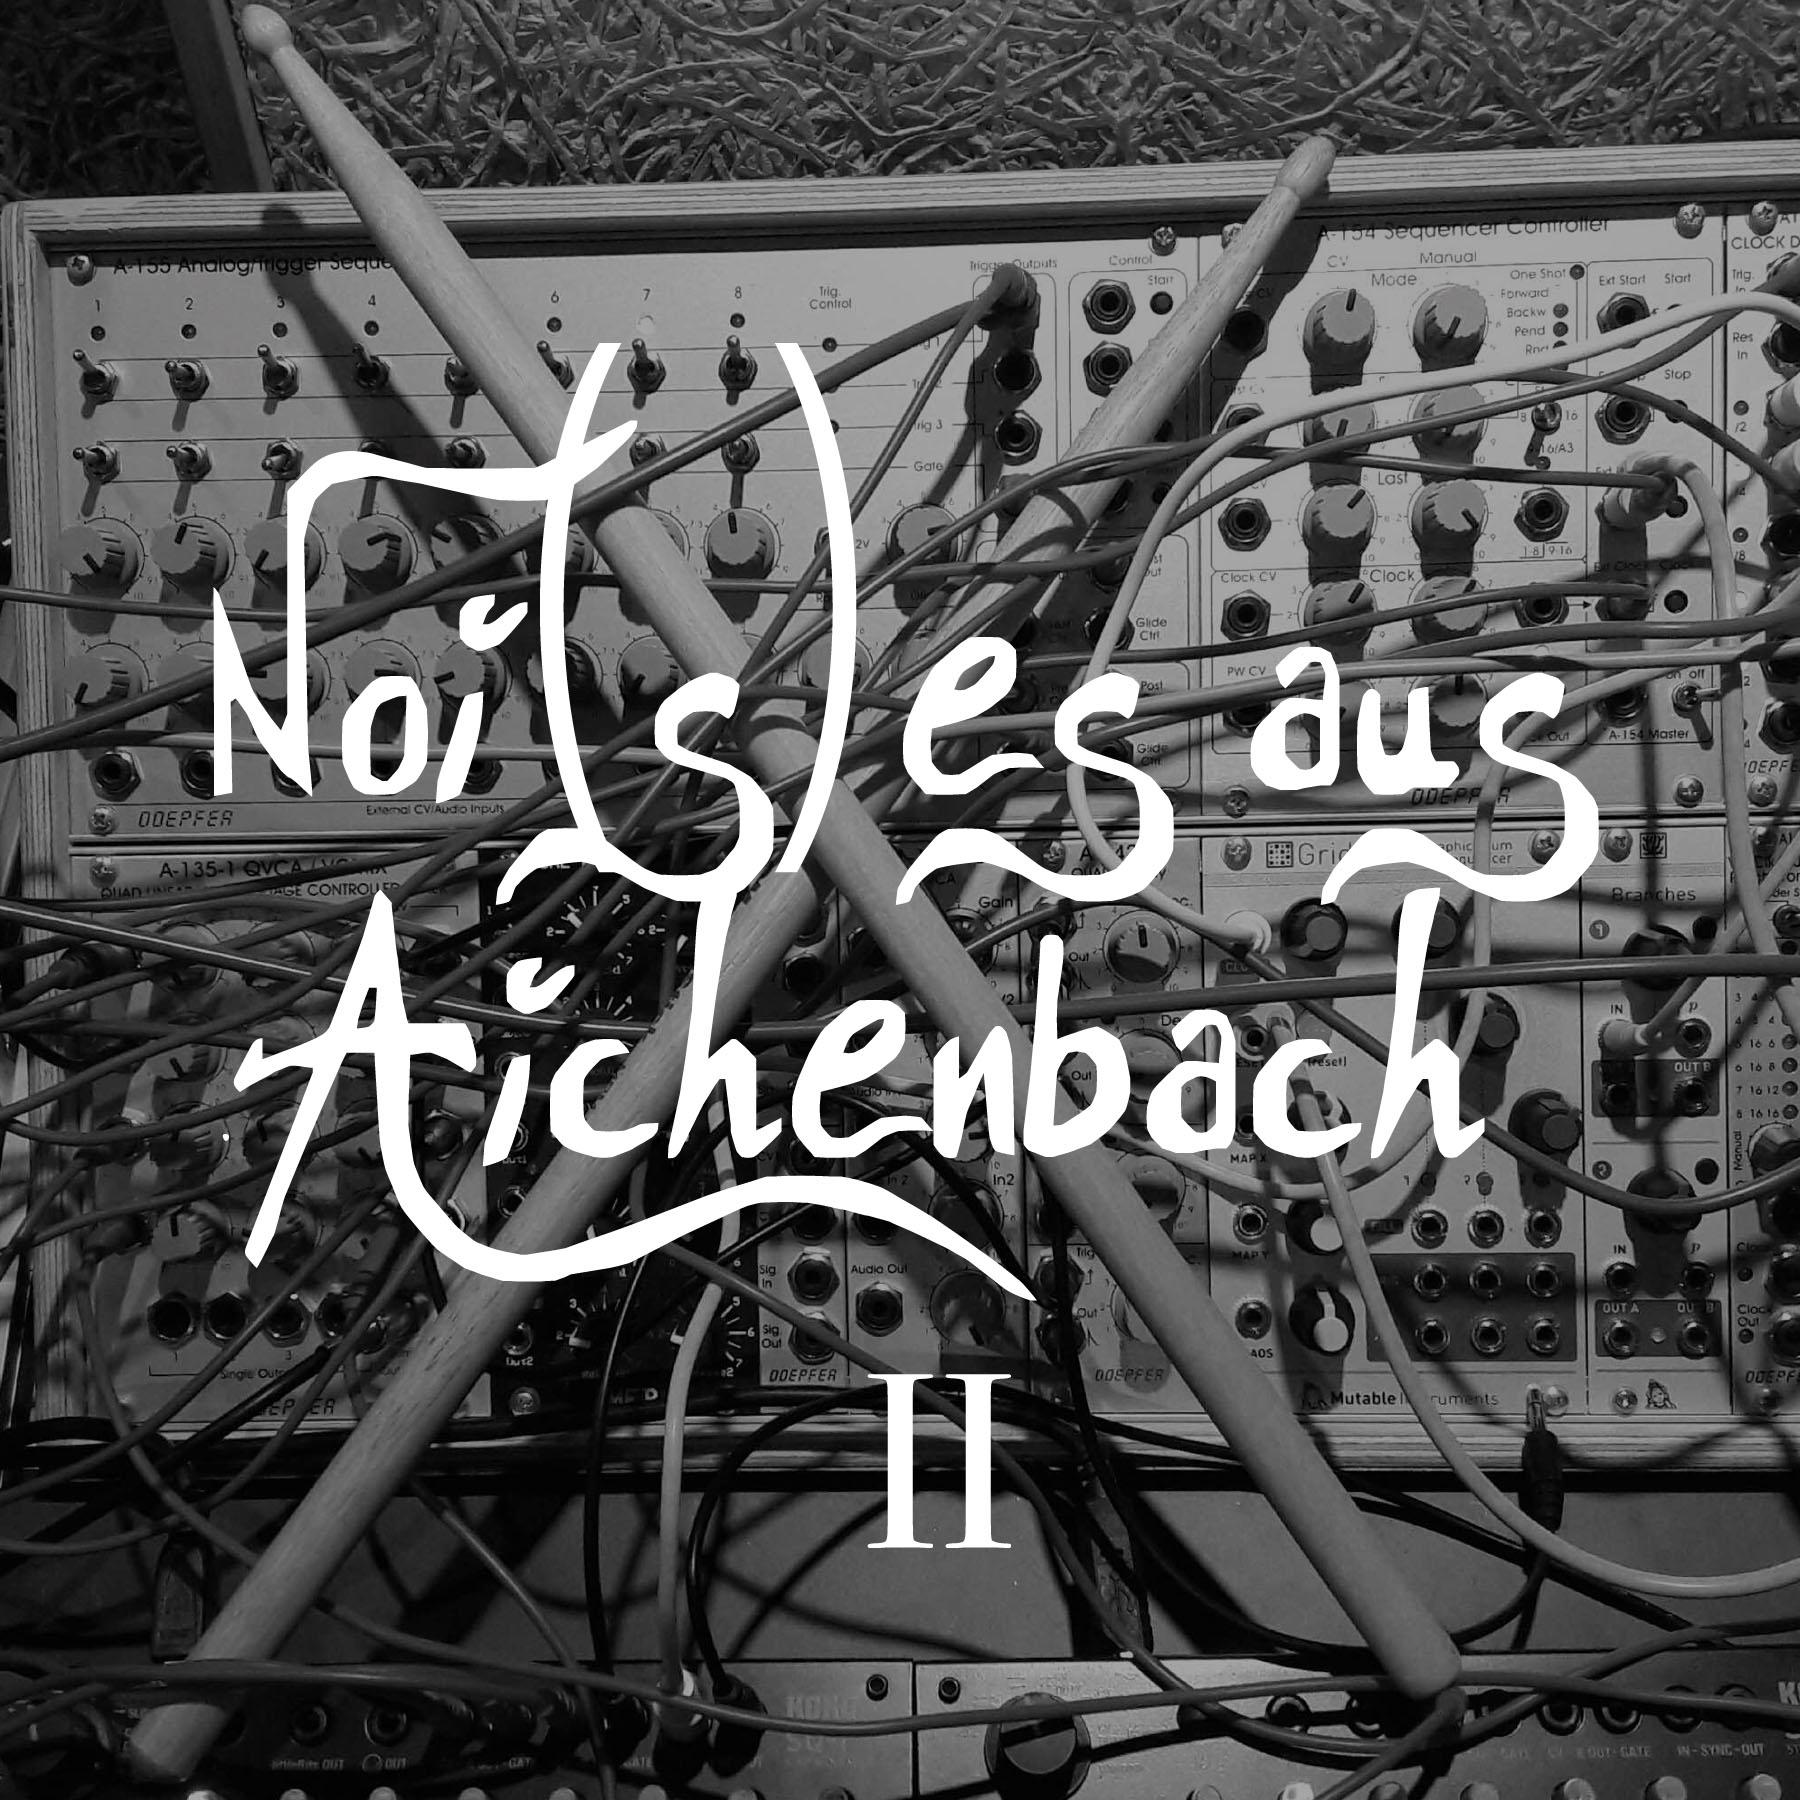 Noi(s)es aus Aichenbach II coming soon